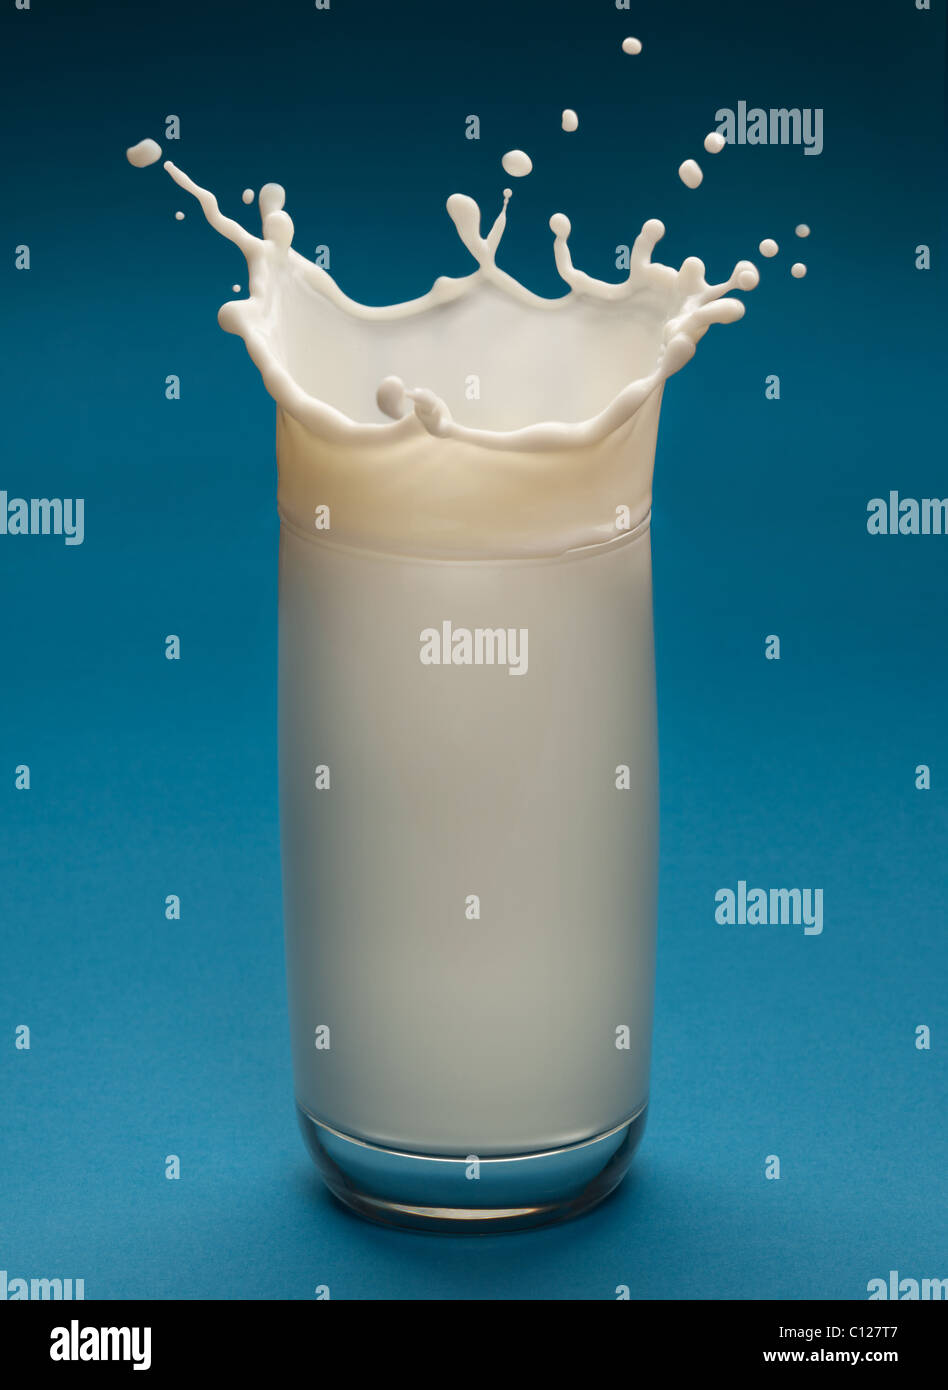 Splash de leche desde el cristal sobre un fondo azul. Imagen De Stock